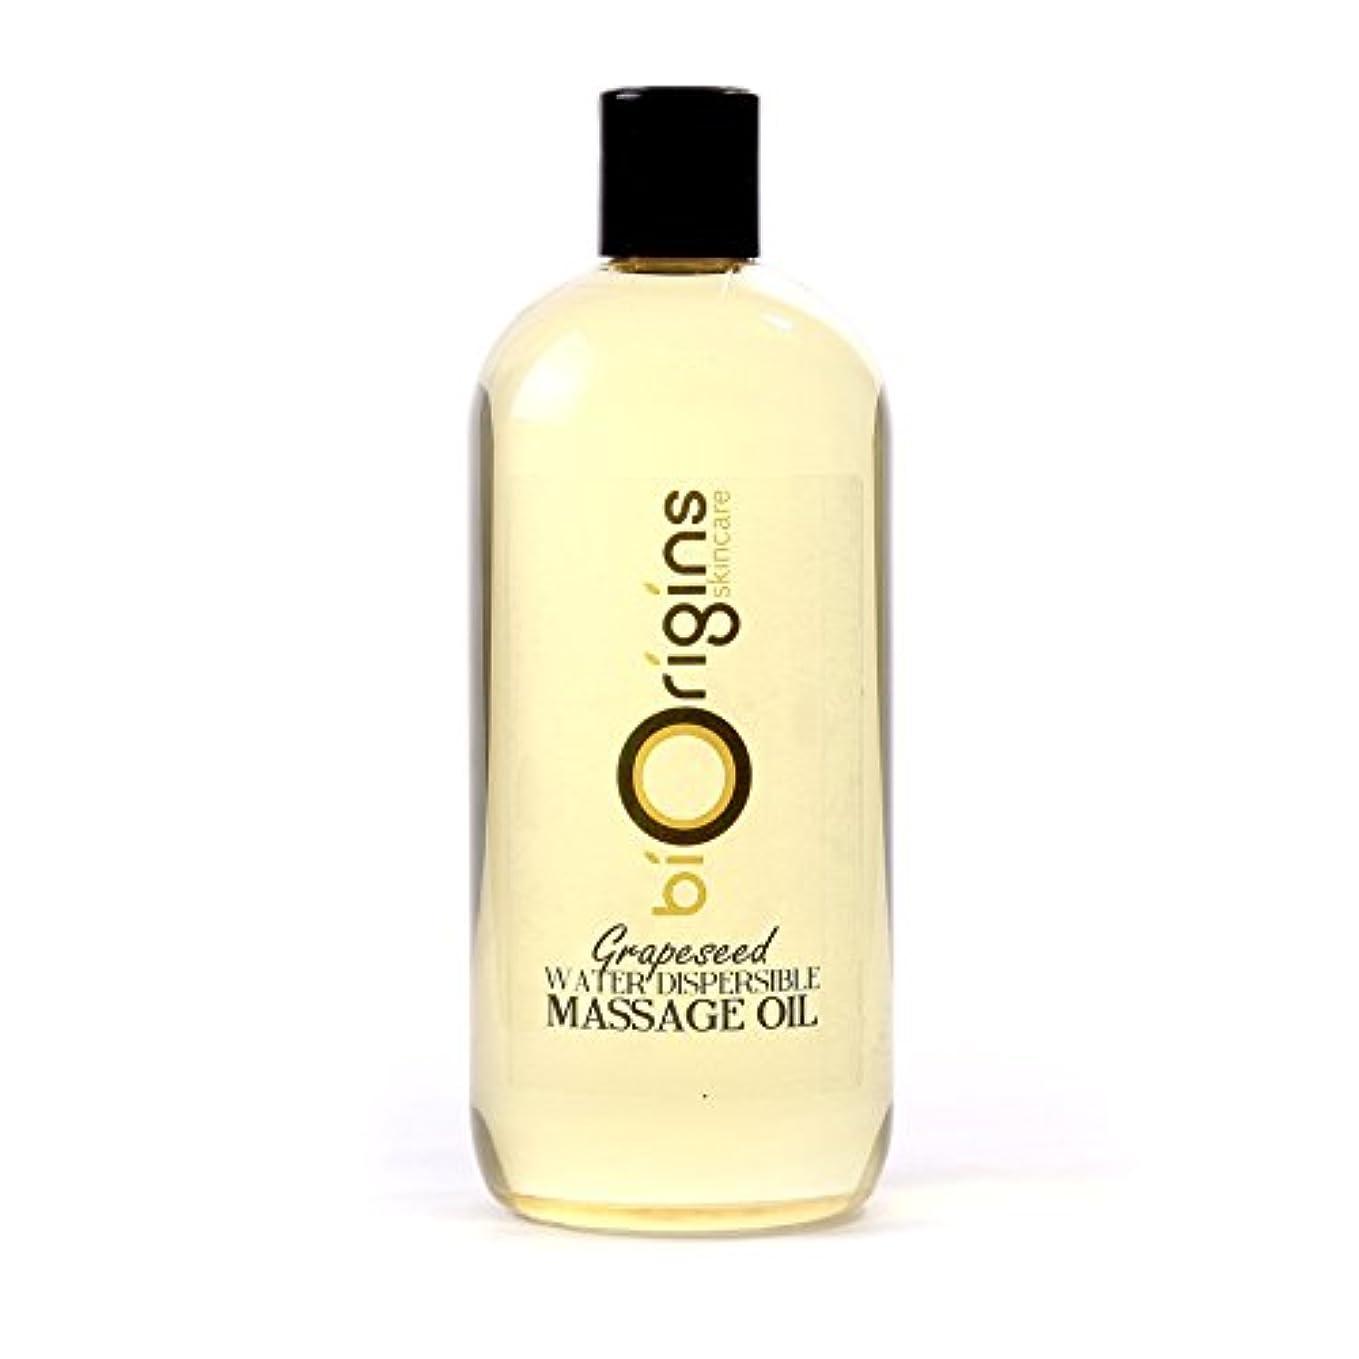 窒素控えめな上に築きますGrapeseed Water Dispersible Massage Oil - 500ml - 100% Pure